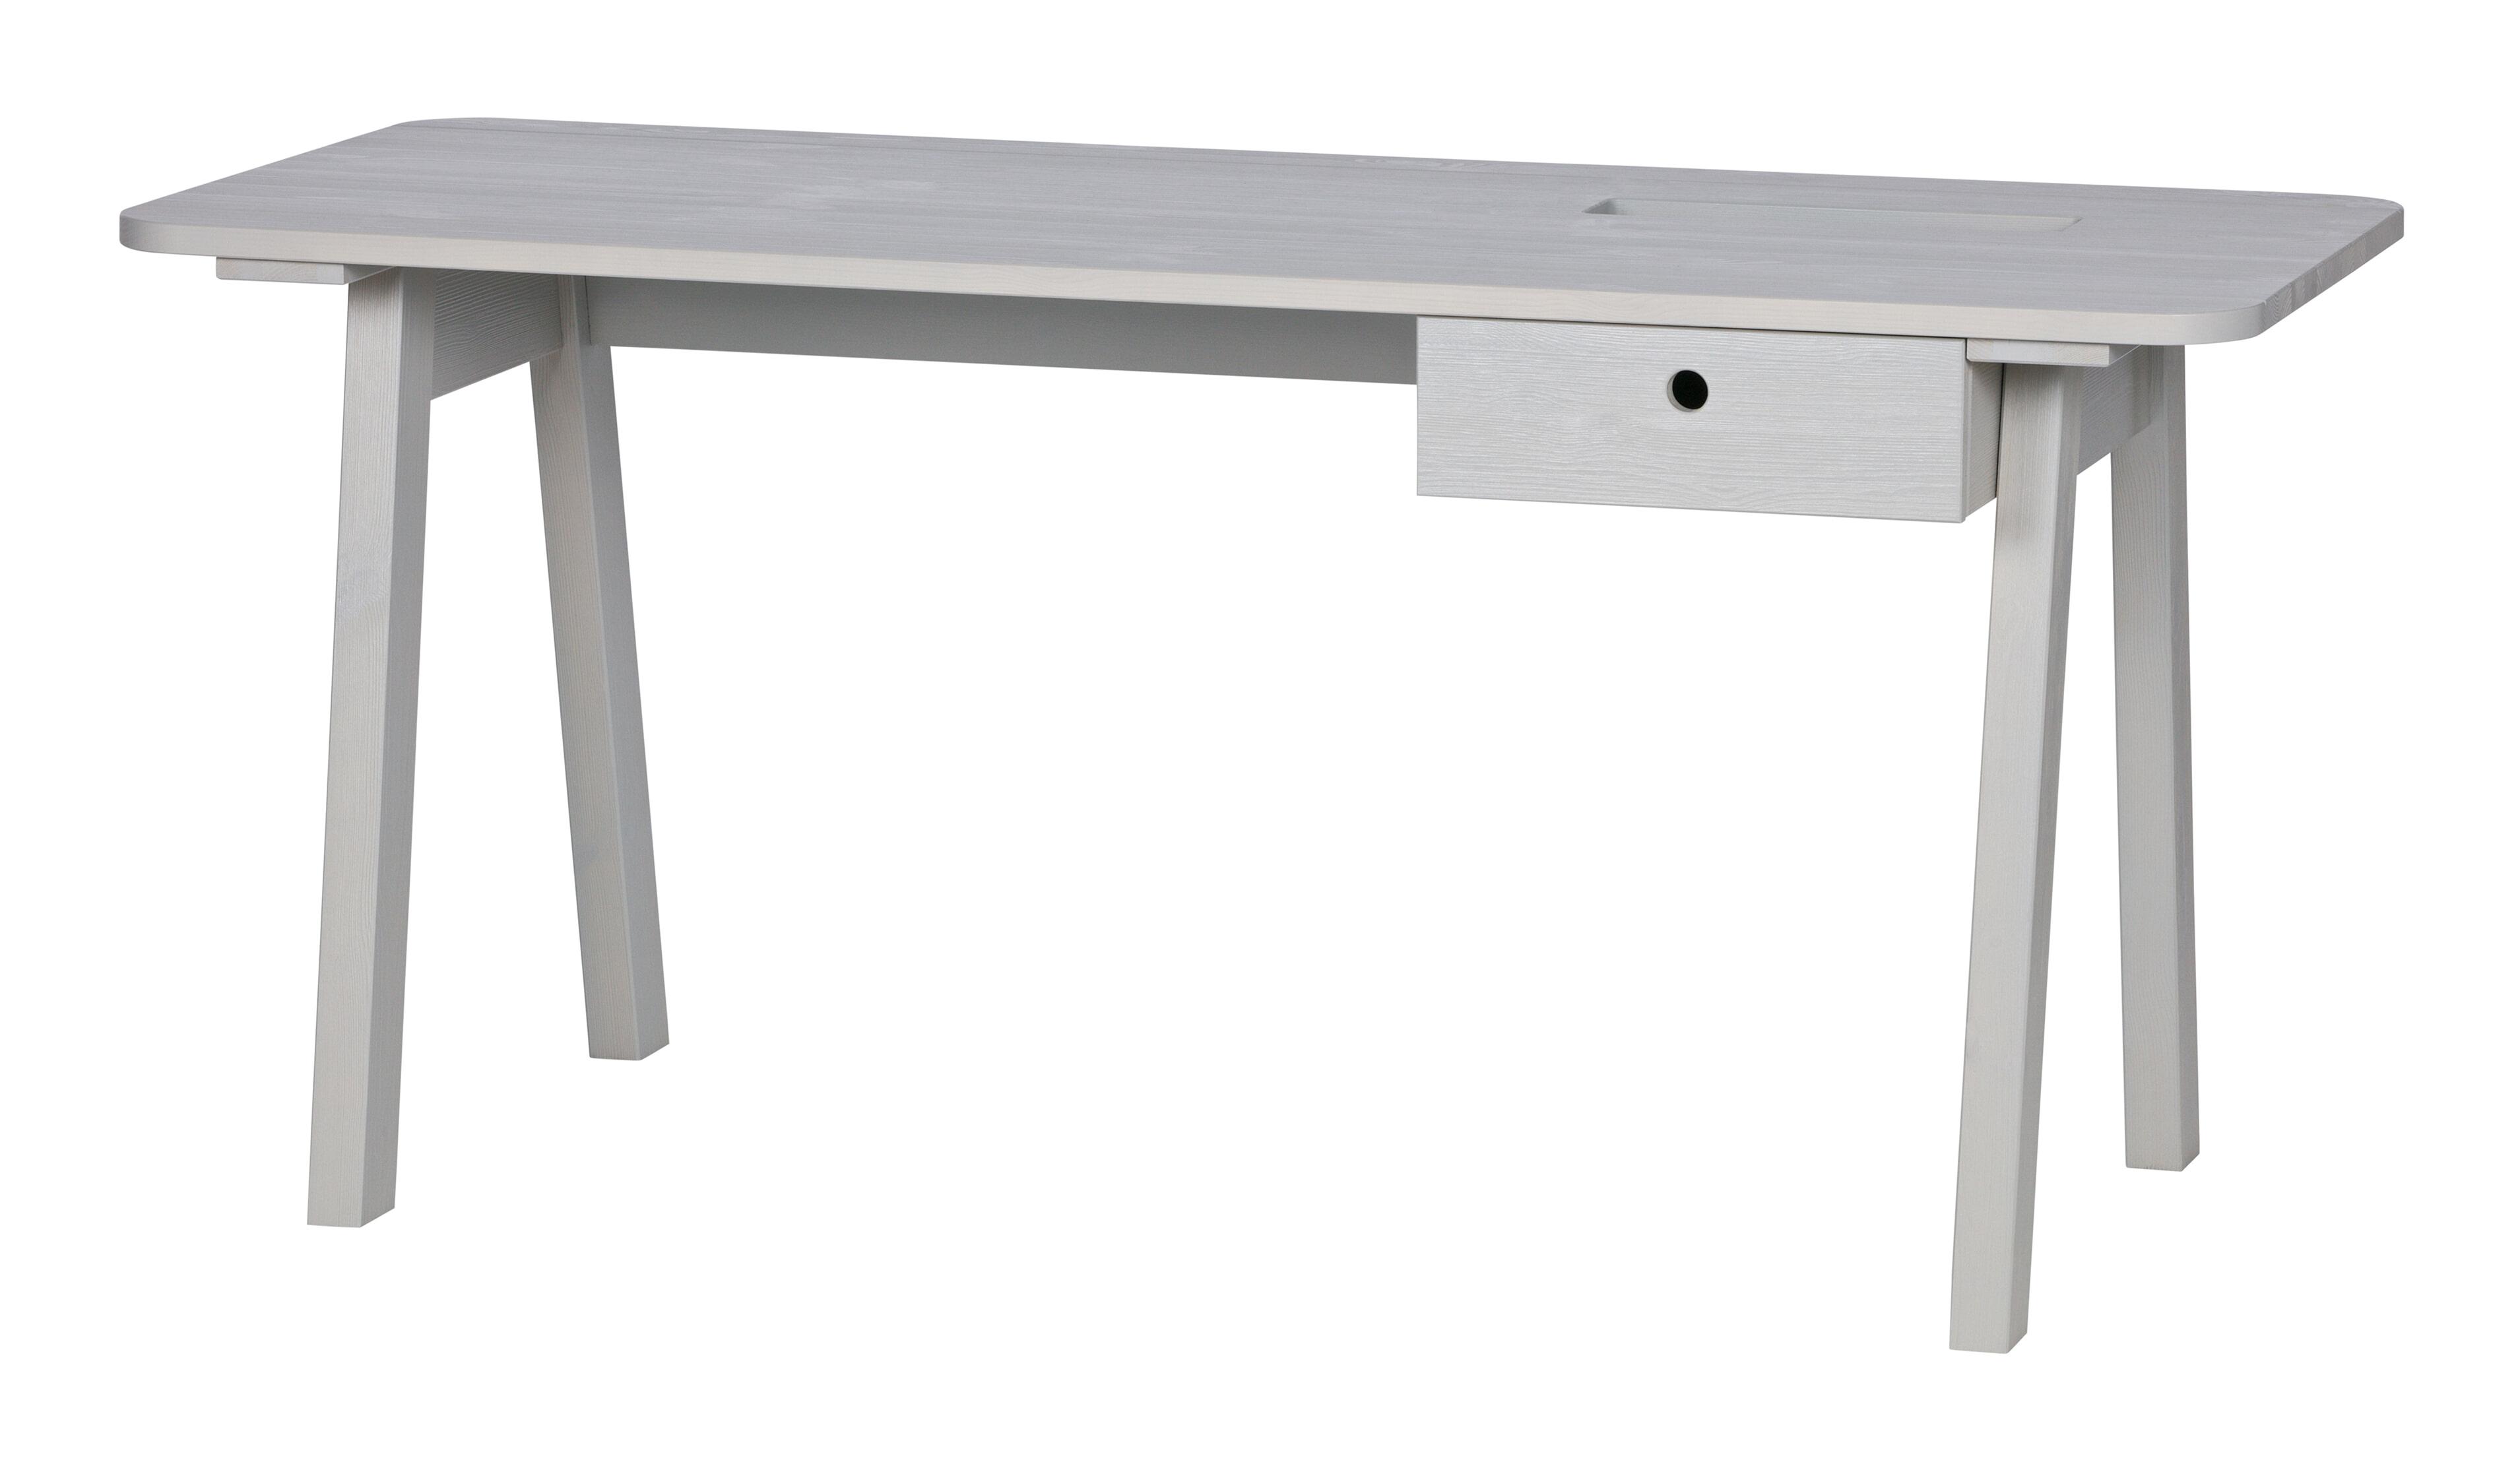 WOOOD Bureau 'Sammie' kleur Warm Grey Tafels | Bureaus vergelijken doe je het voordeligst hier bij Meubelpartner